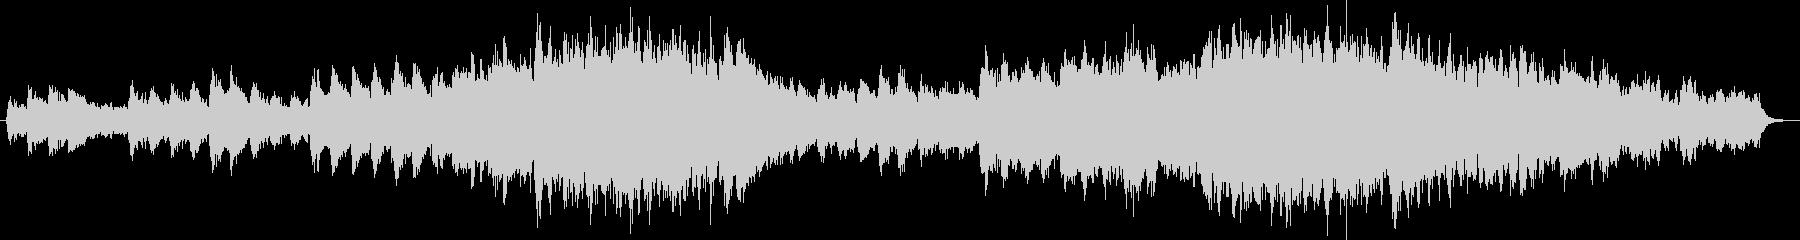 オルガンの荘厳で美しく切ないスローな曲の未再生の波形